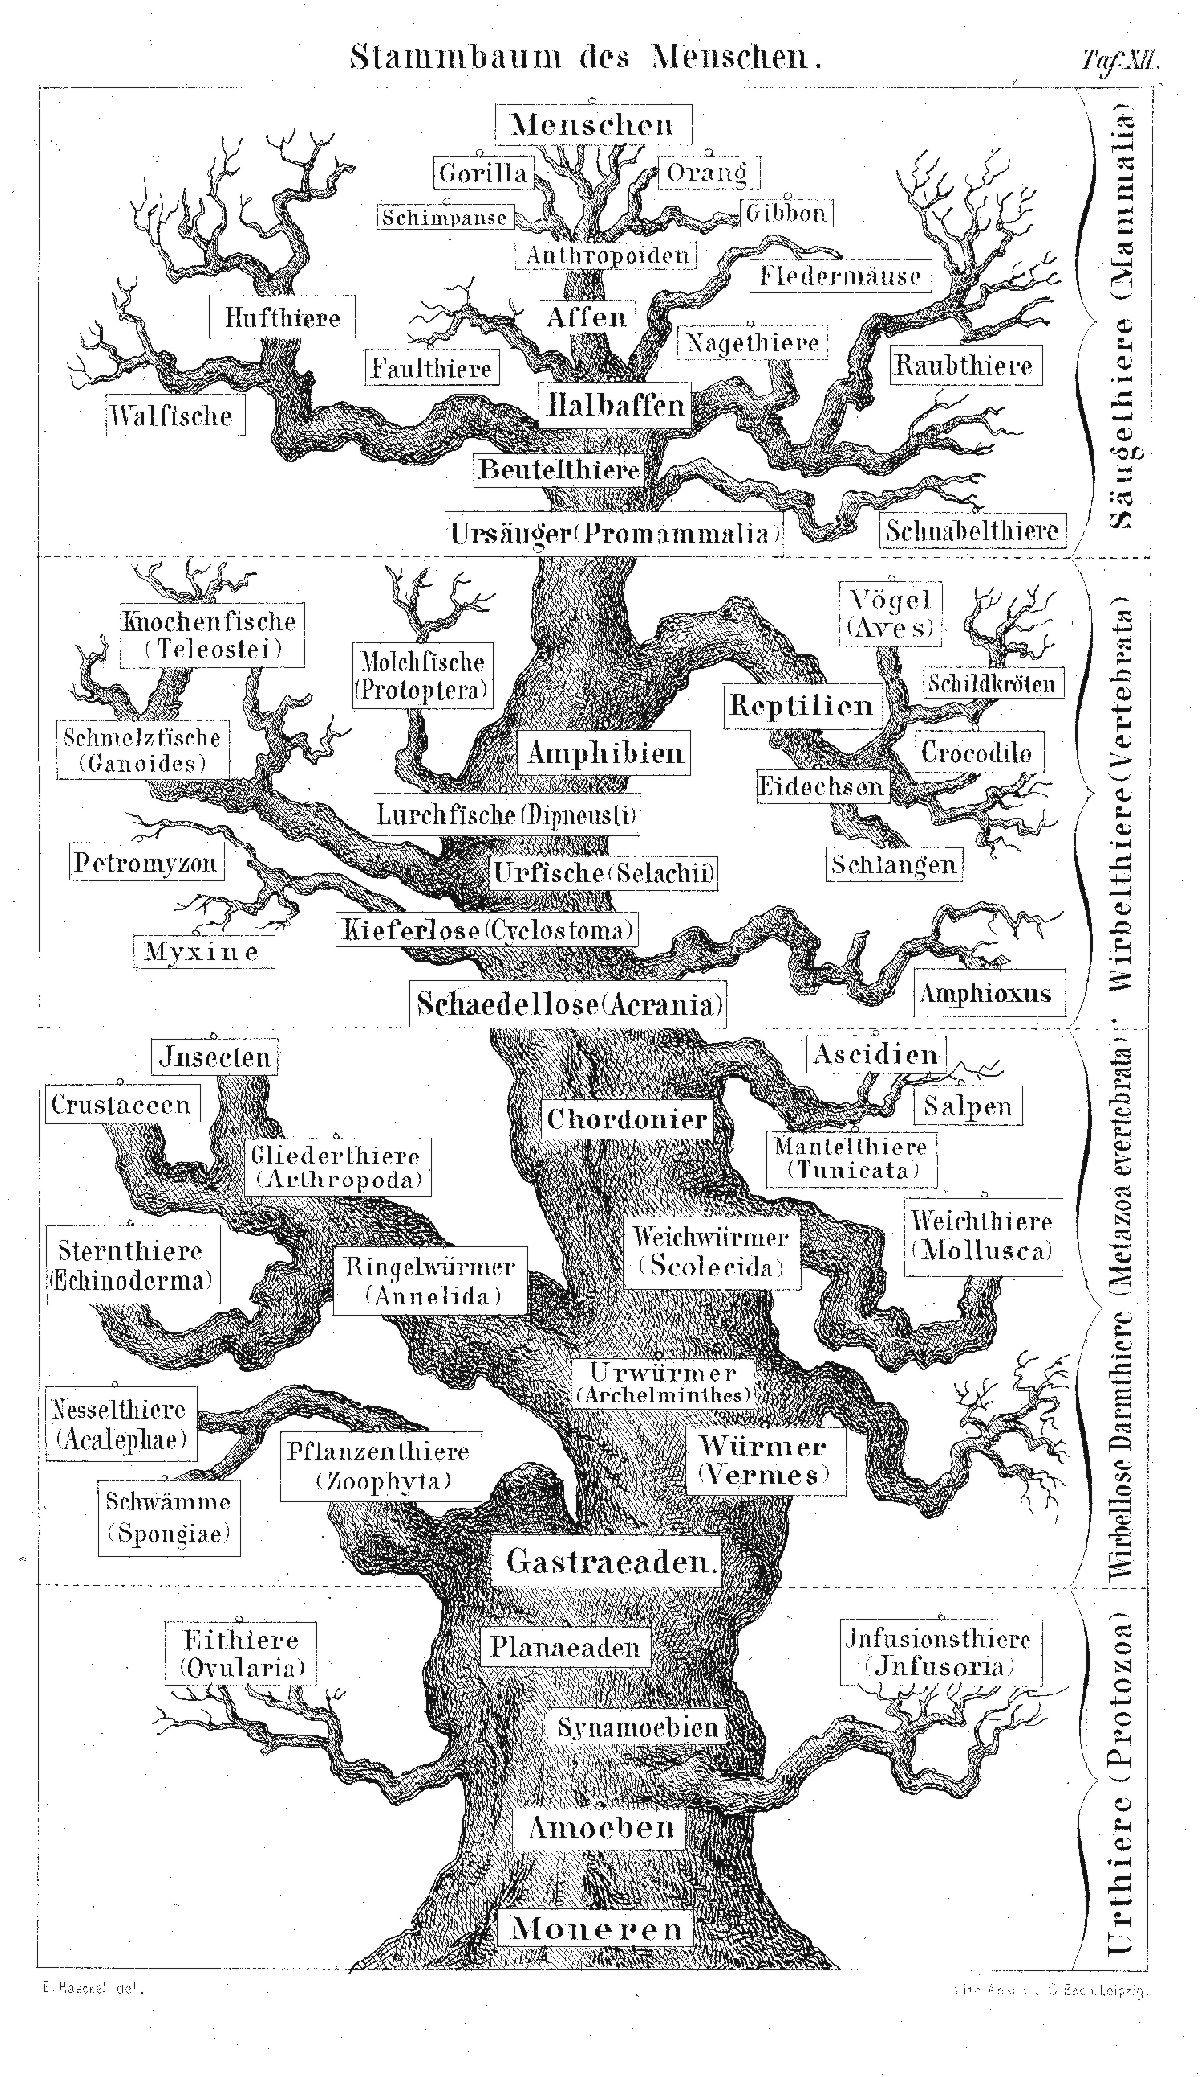 Stammbaum des Menschen Haeckel, E (1874)   Stammbäume   Pinterest ...